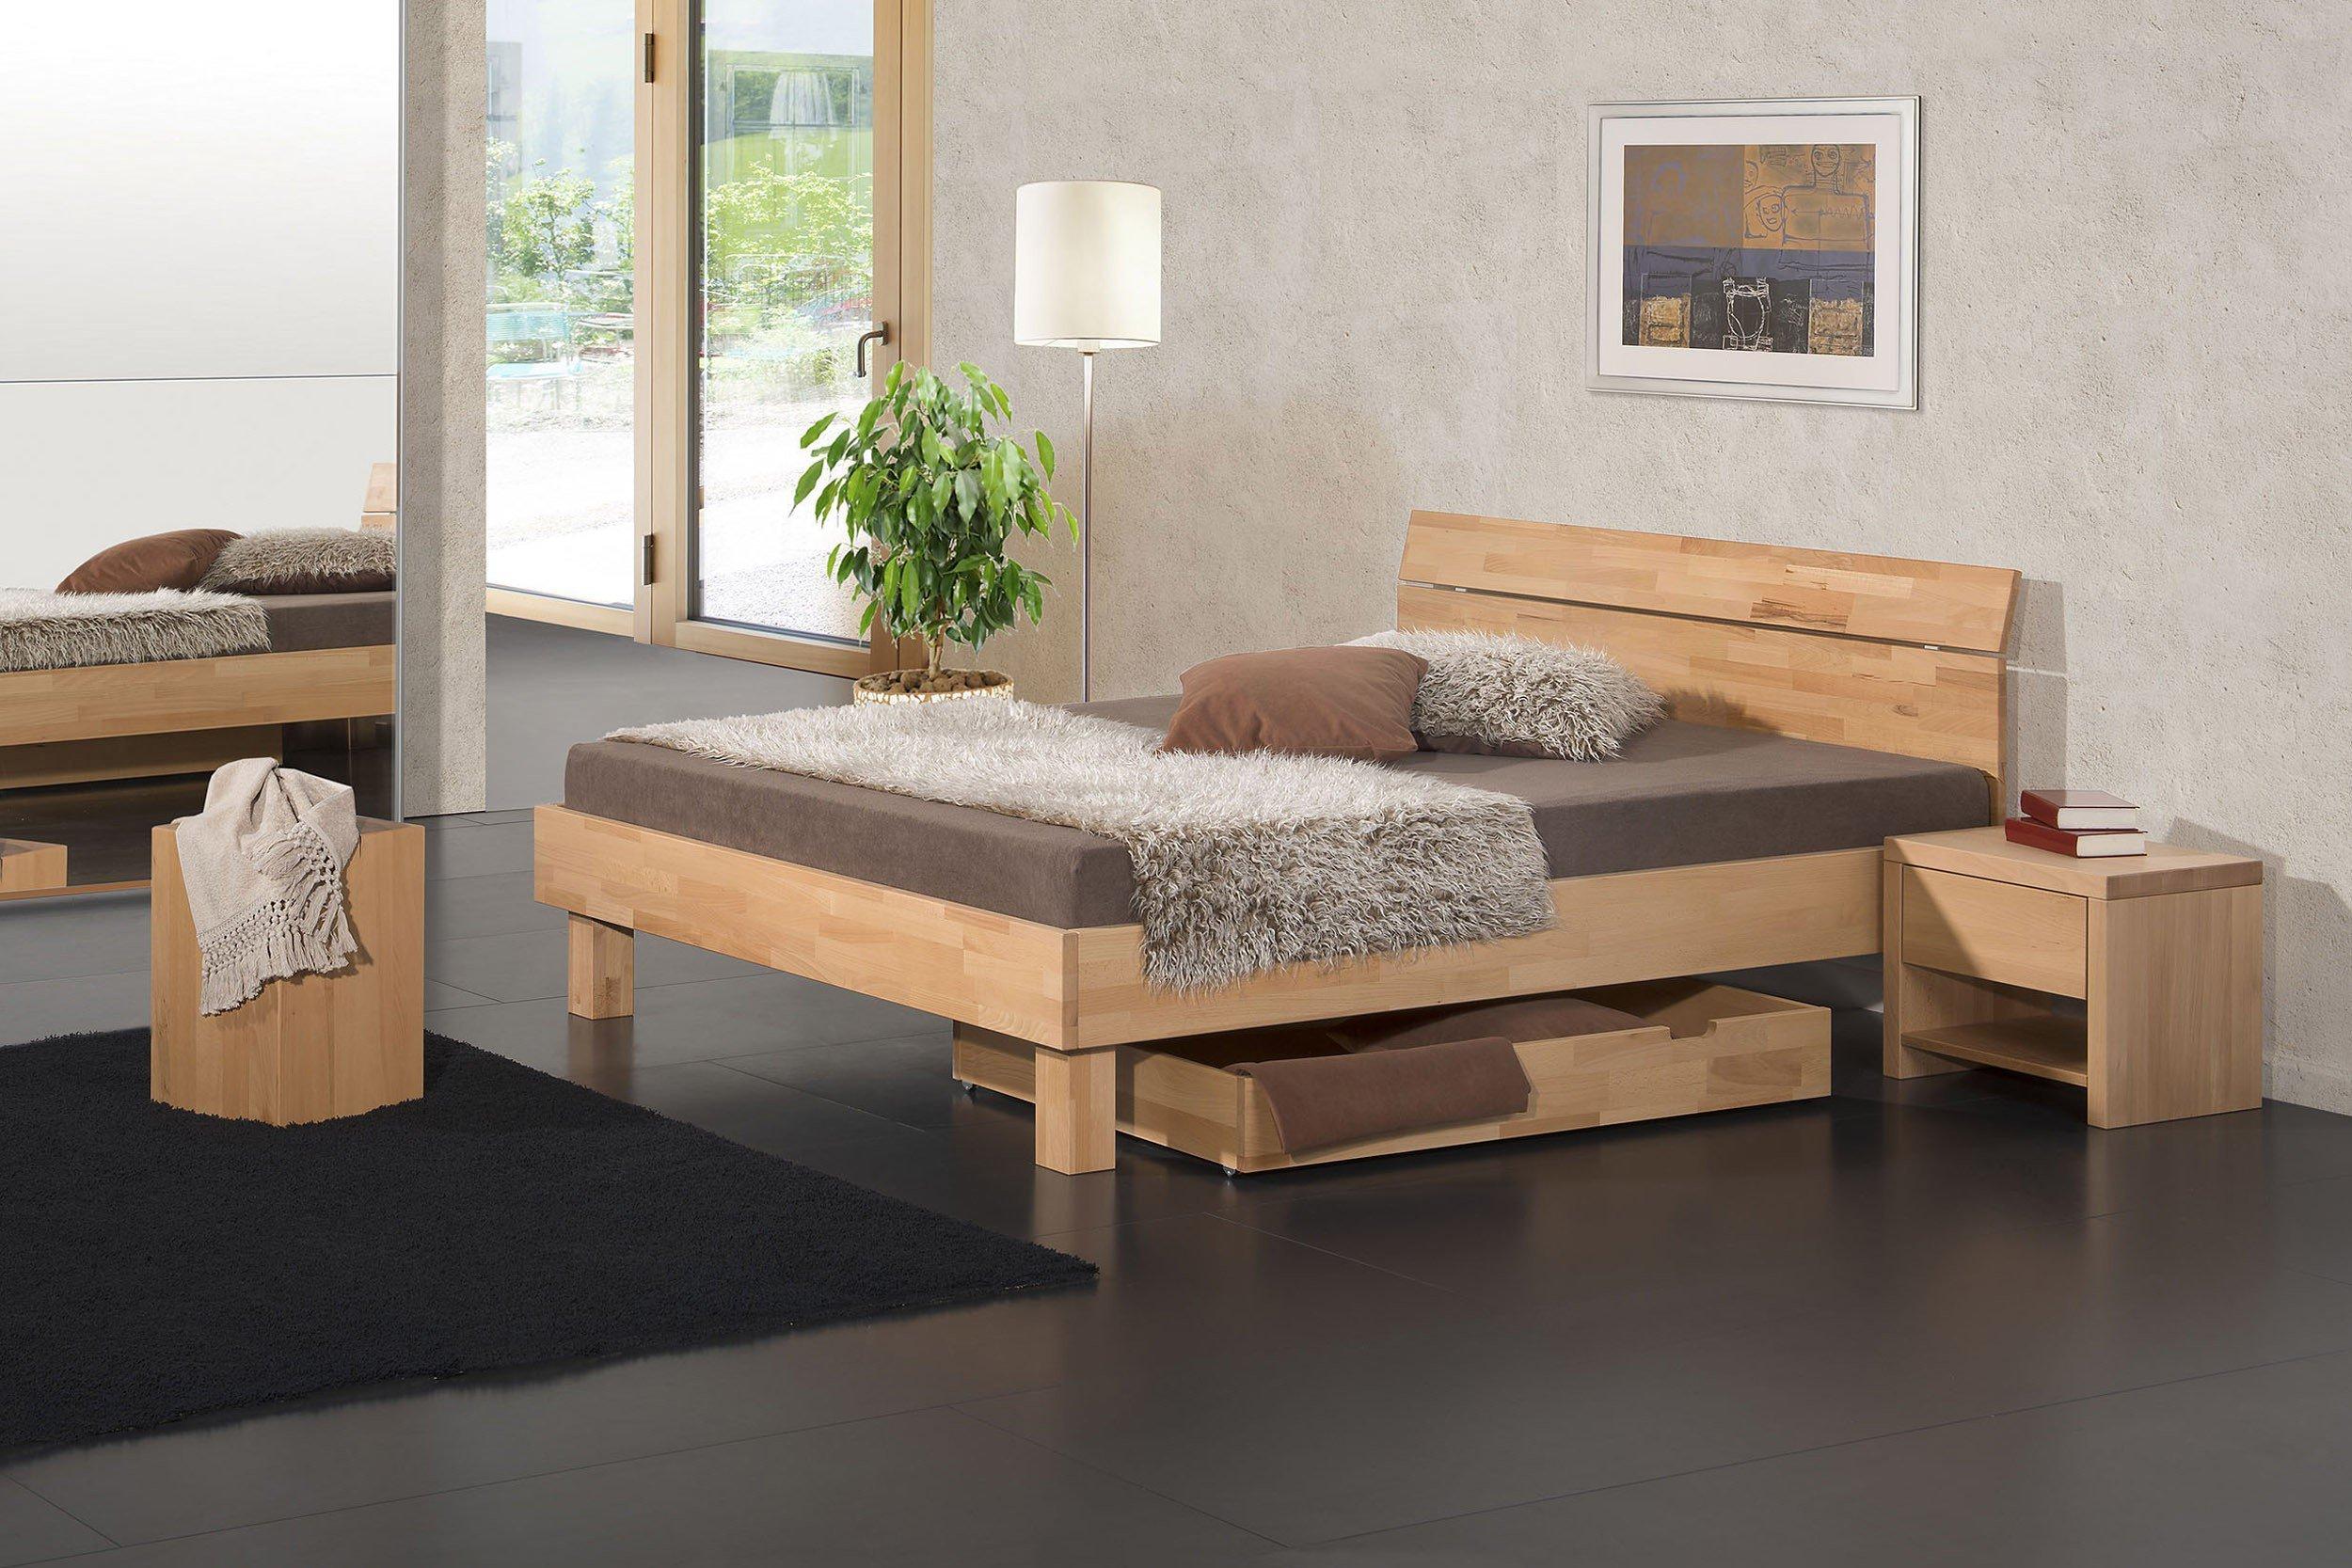 Modular Bett Primolar serino Buche natur | Möbel Letz - Ihr Online-Shop